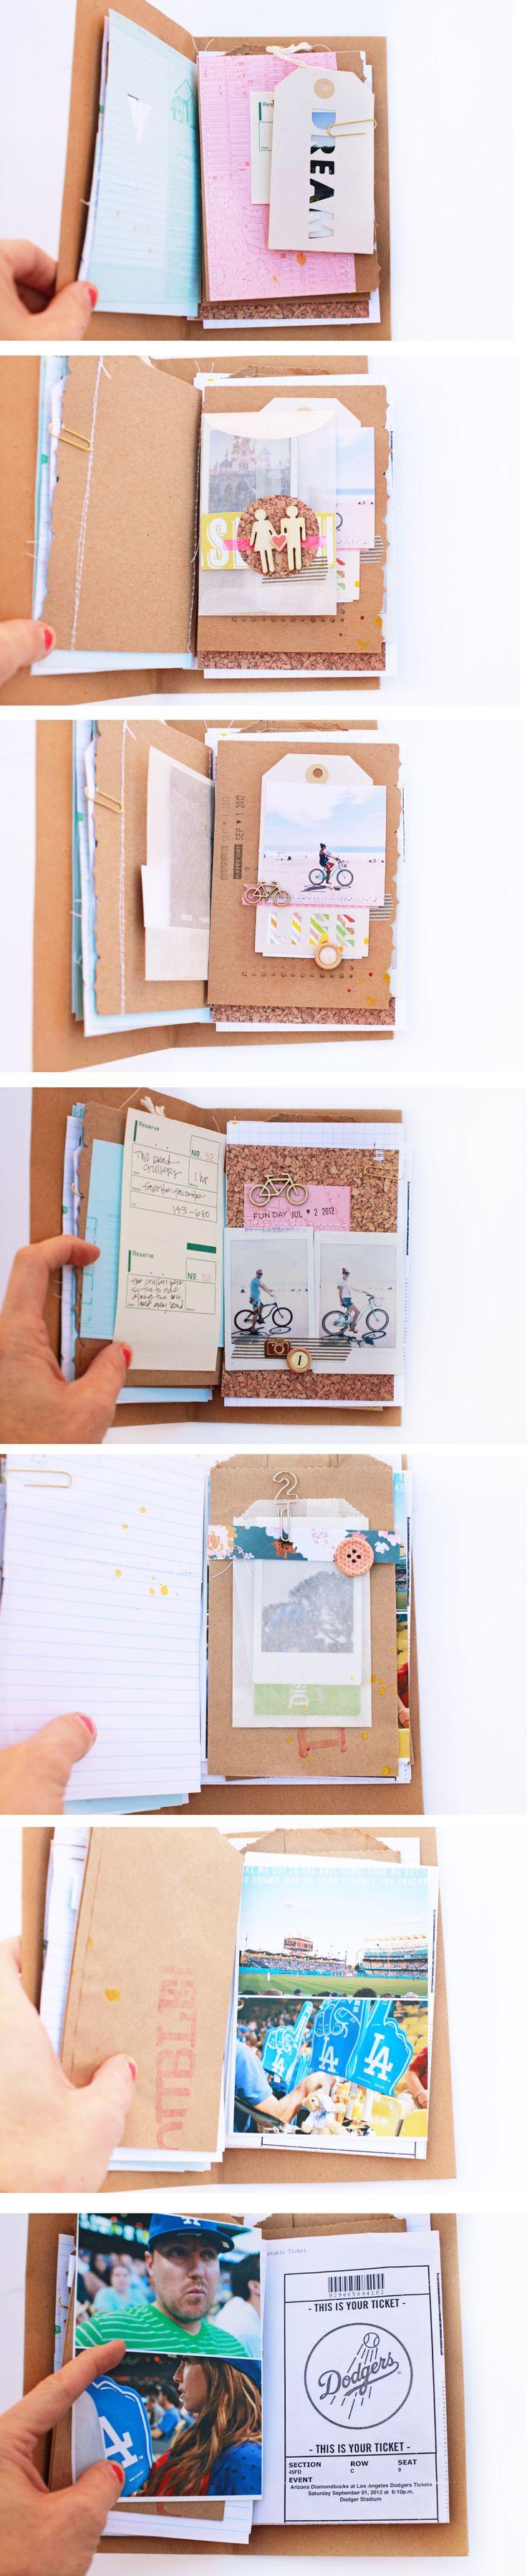 Scrapbook journaling ideas free - Cool Scrapbook Idea For Instax